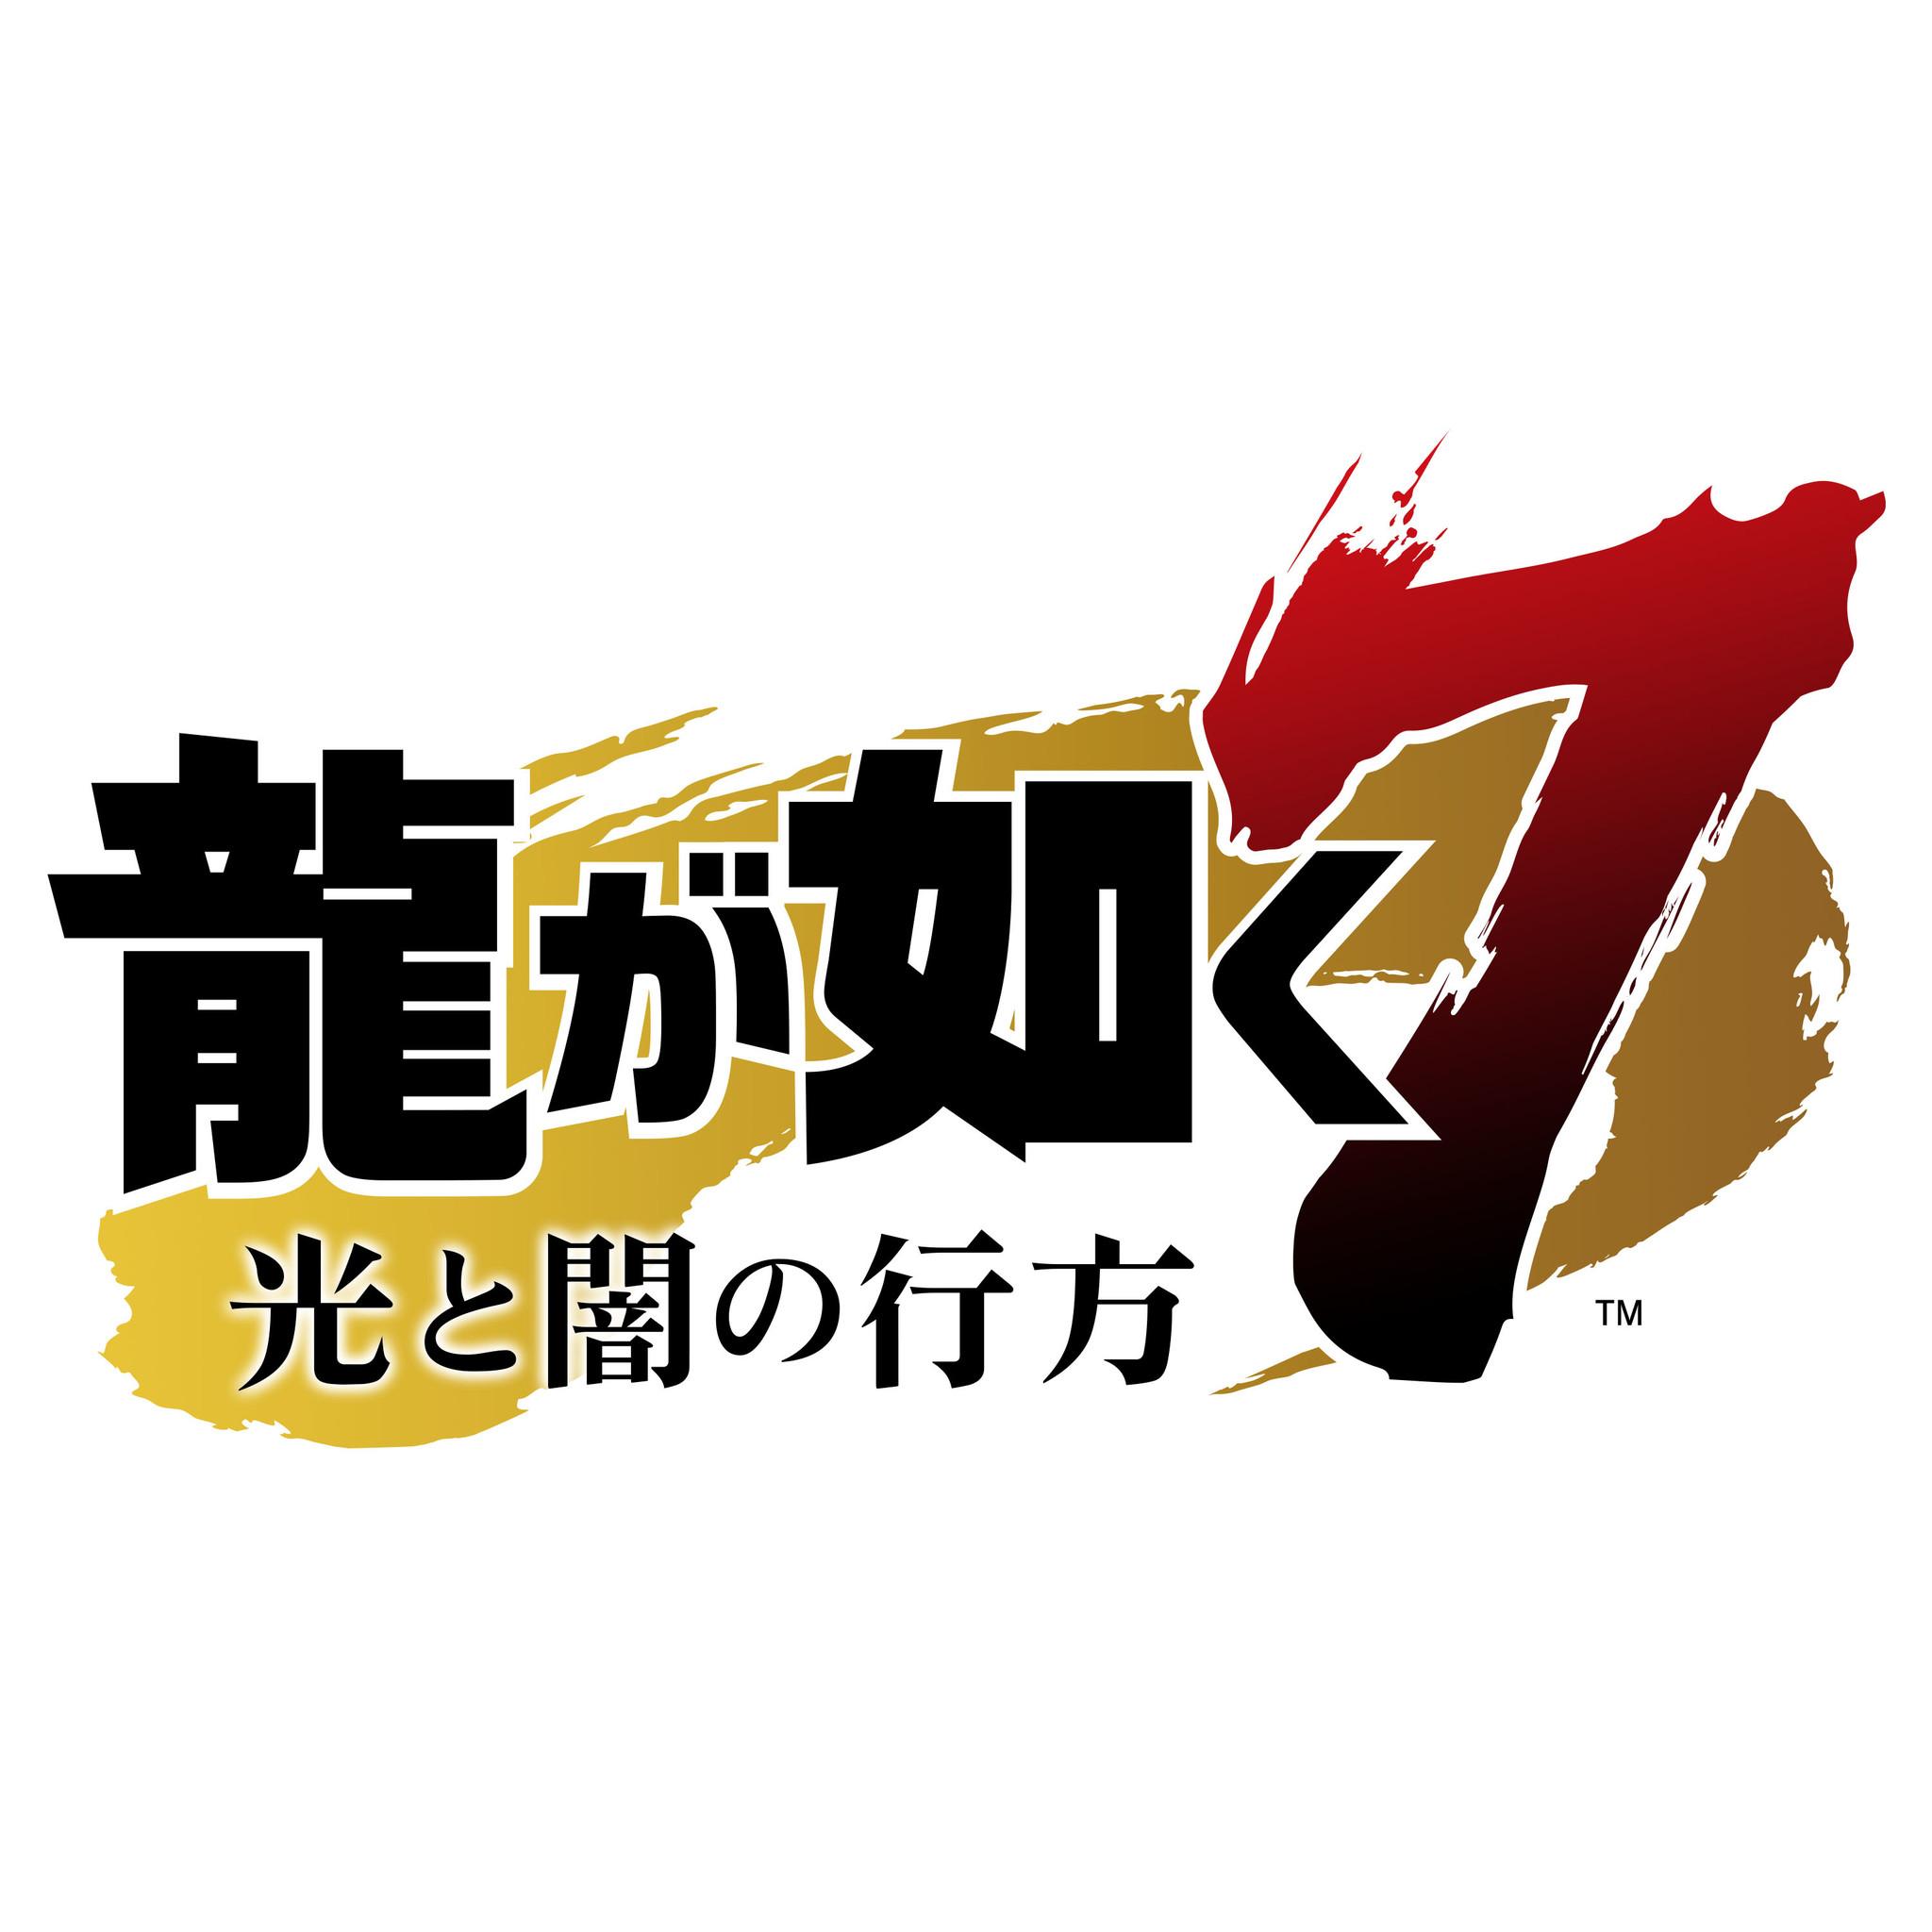 空き缶 の 浅田 飴